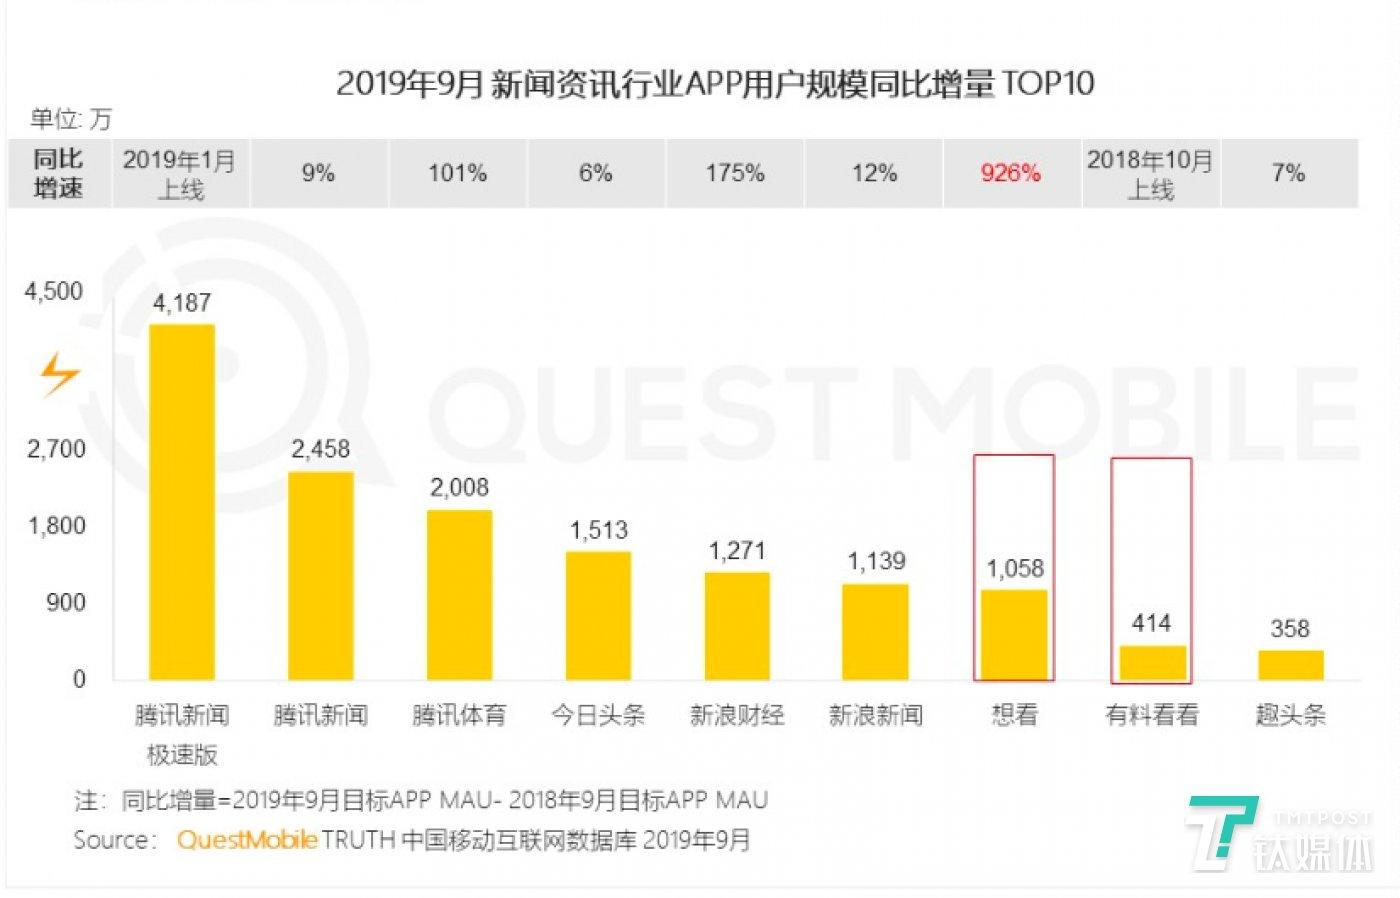 2019年9月新闻资讯行业APP用户规模同比增量10%